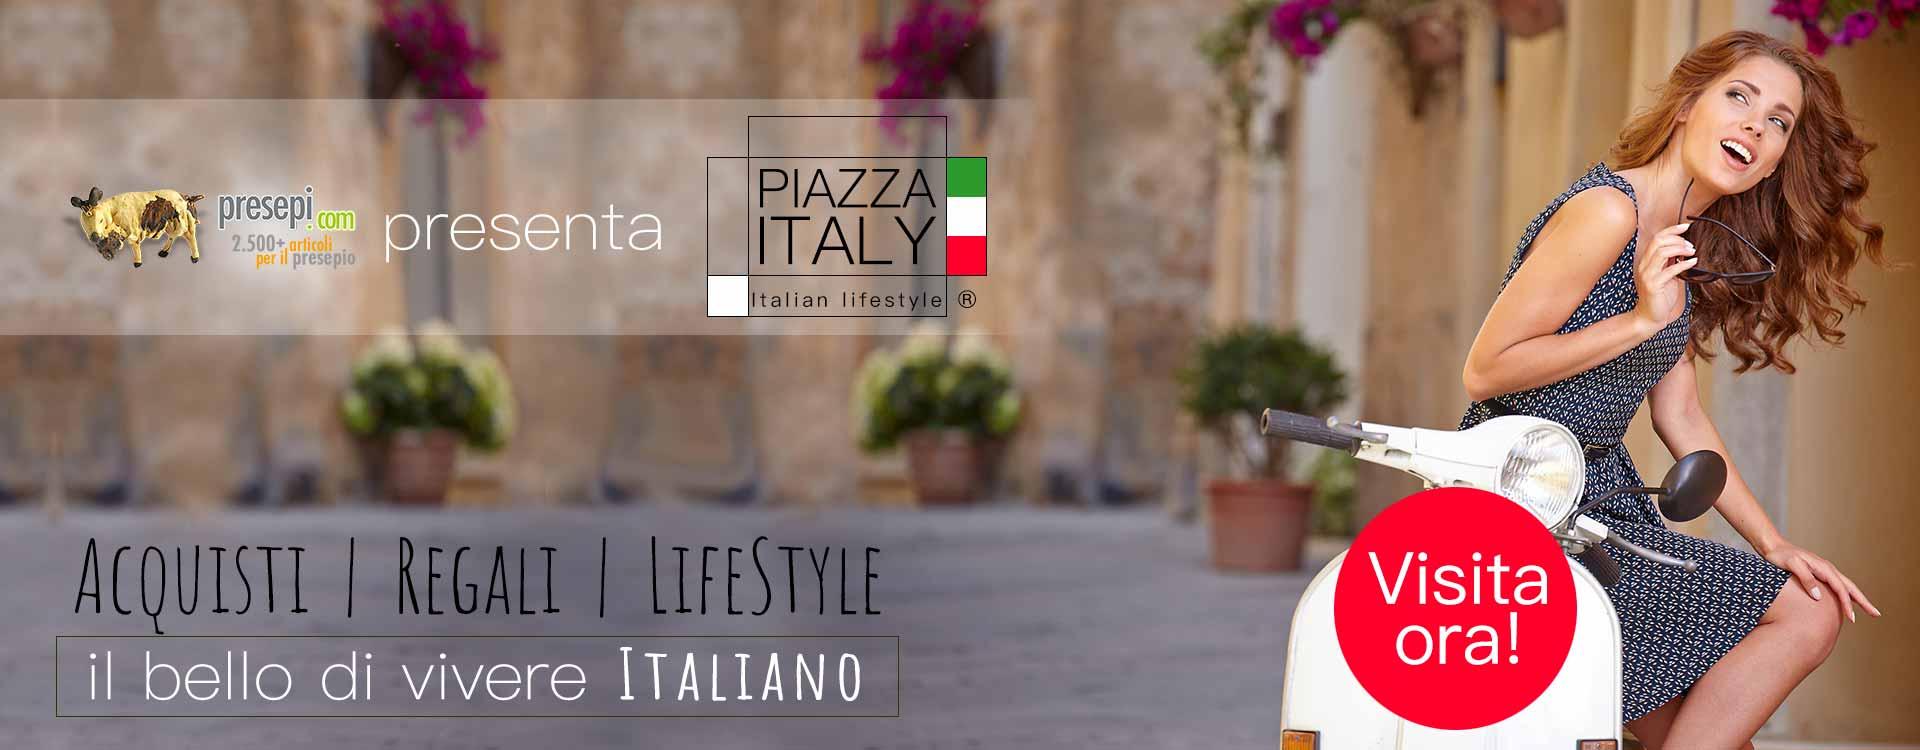 Visita Piazza-Italy